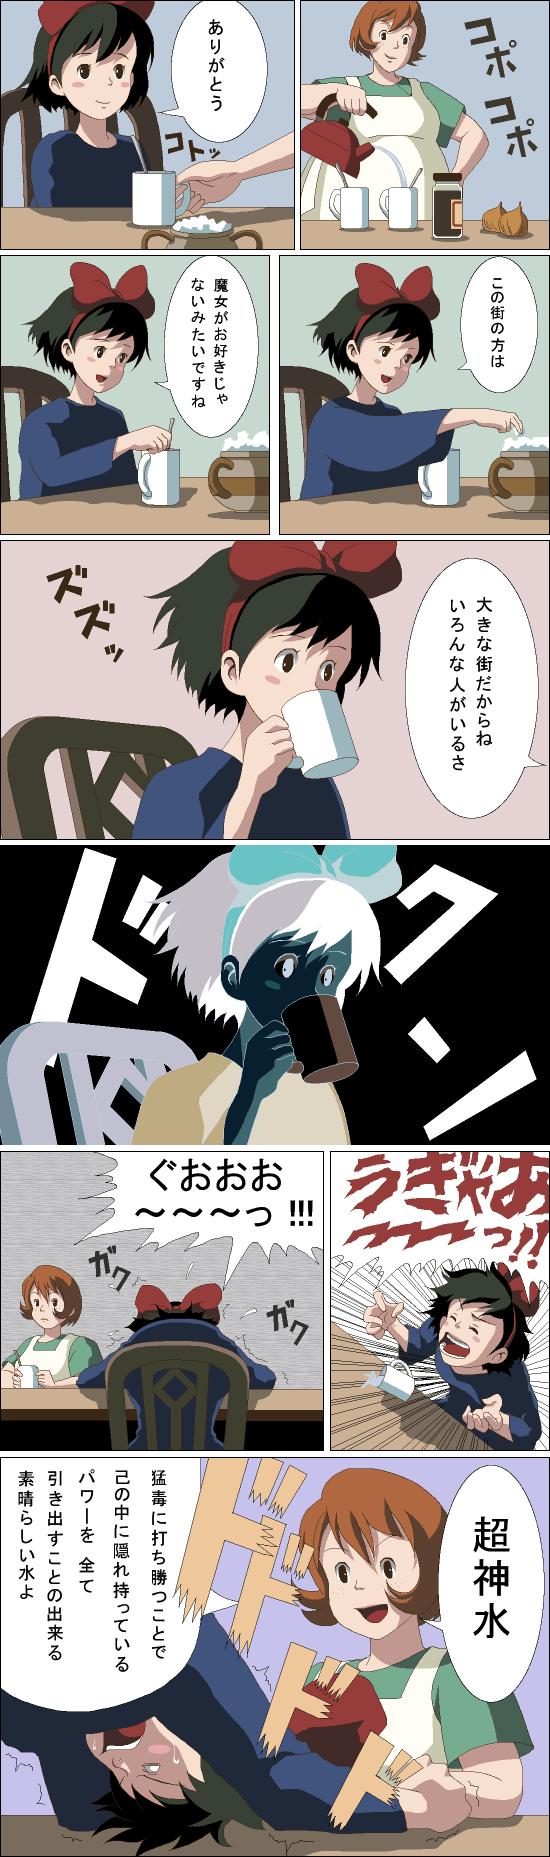 限界突破! 『魔女の宅急便』のキキがあらゆる手段でドラゴンボールの超神水を飲まされる(笑)animanga_0274